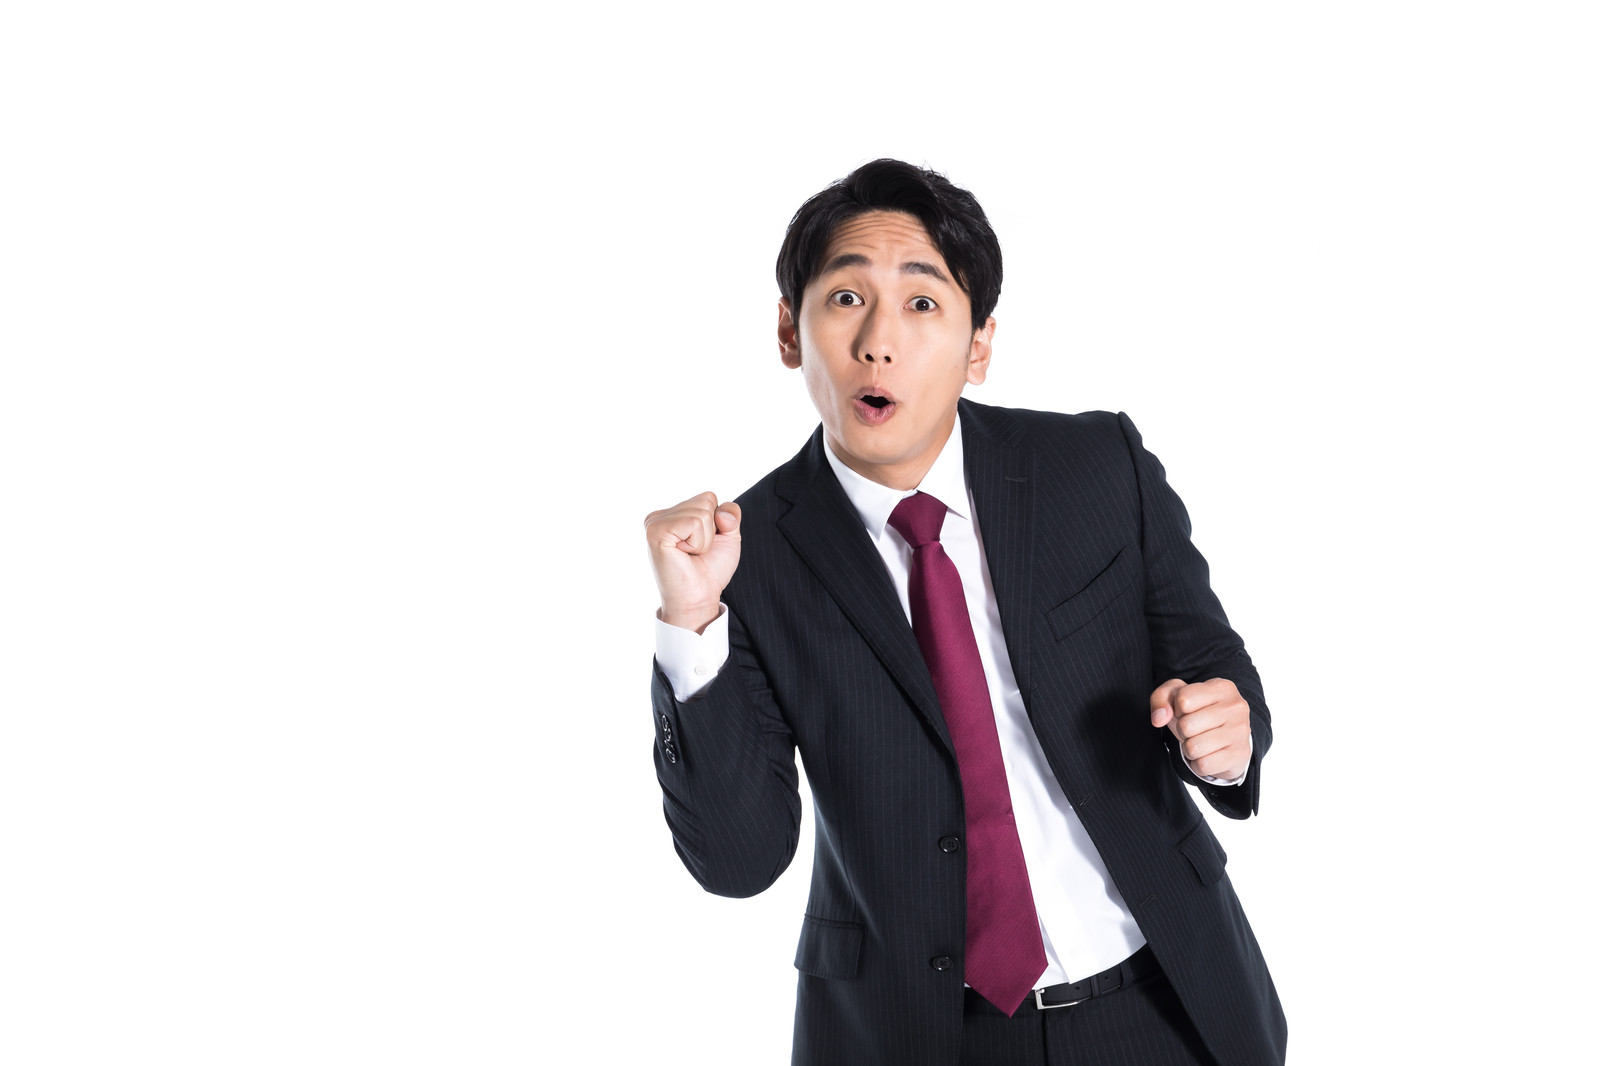 「応援に力が入る会社員」の写真[モデル:大川竜弥]